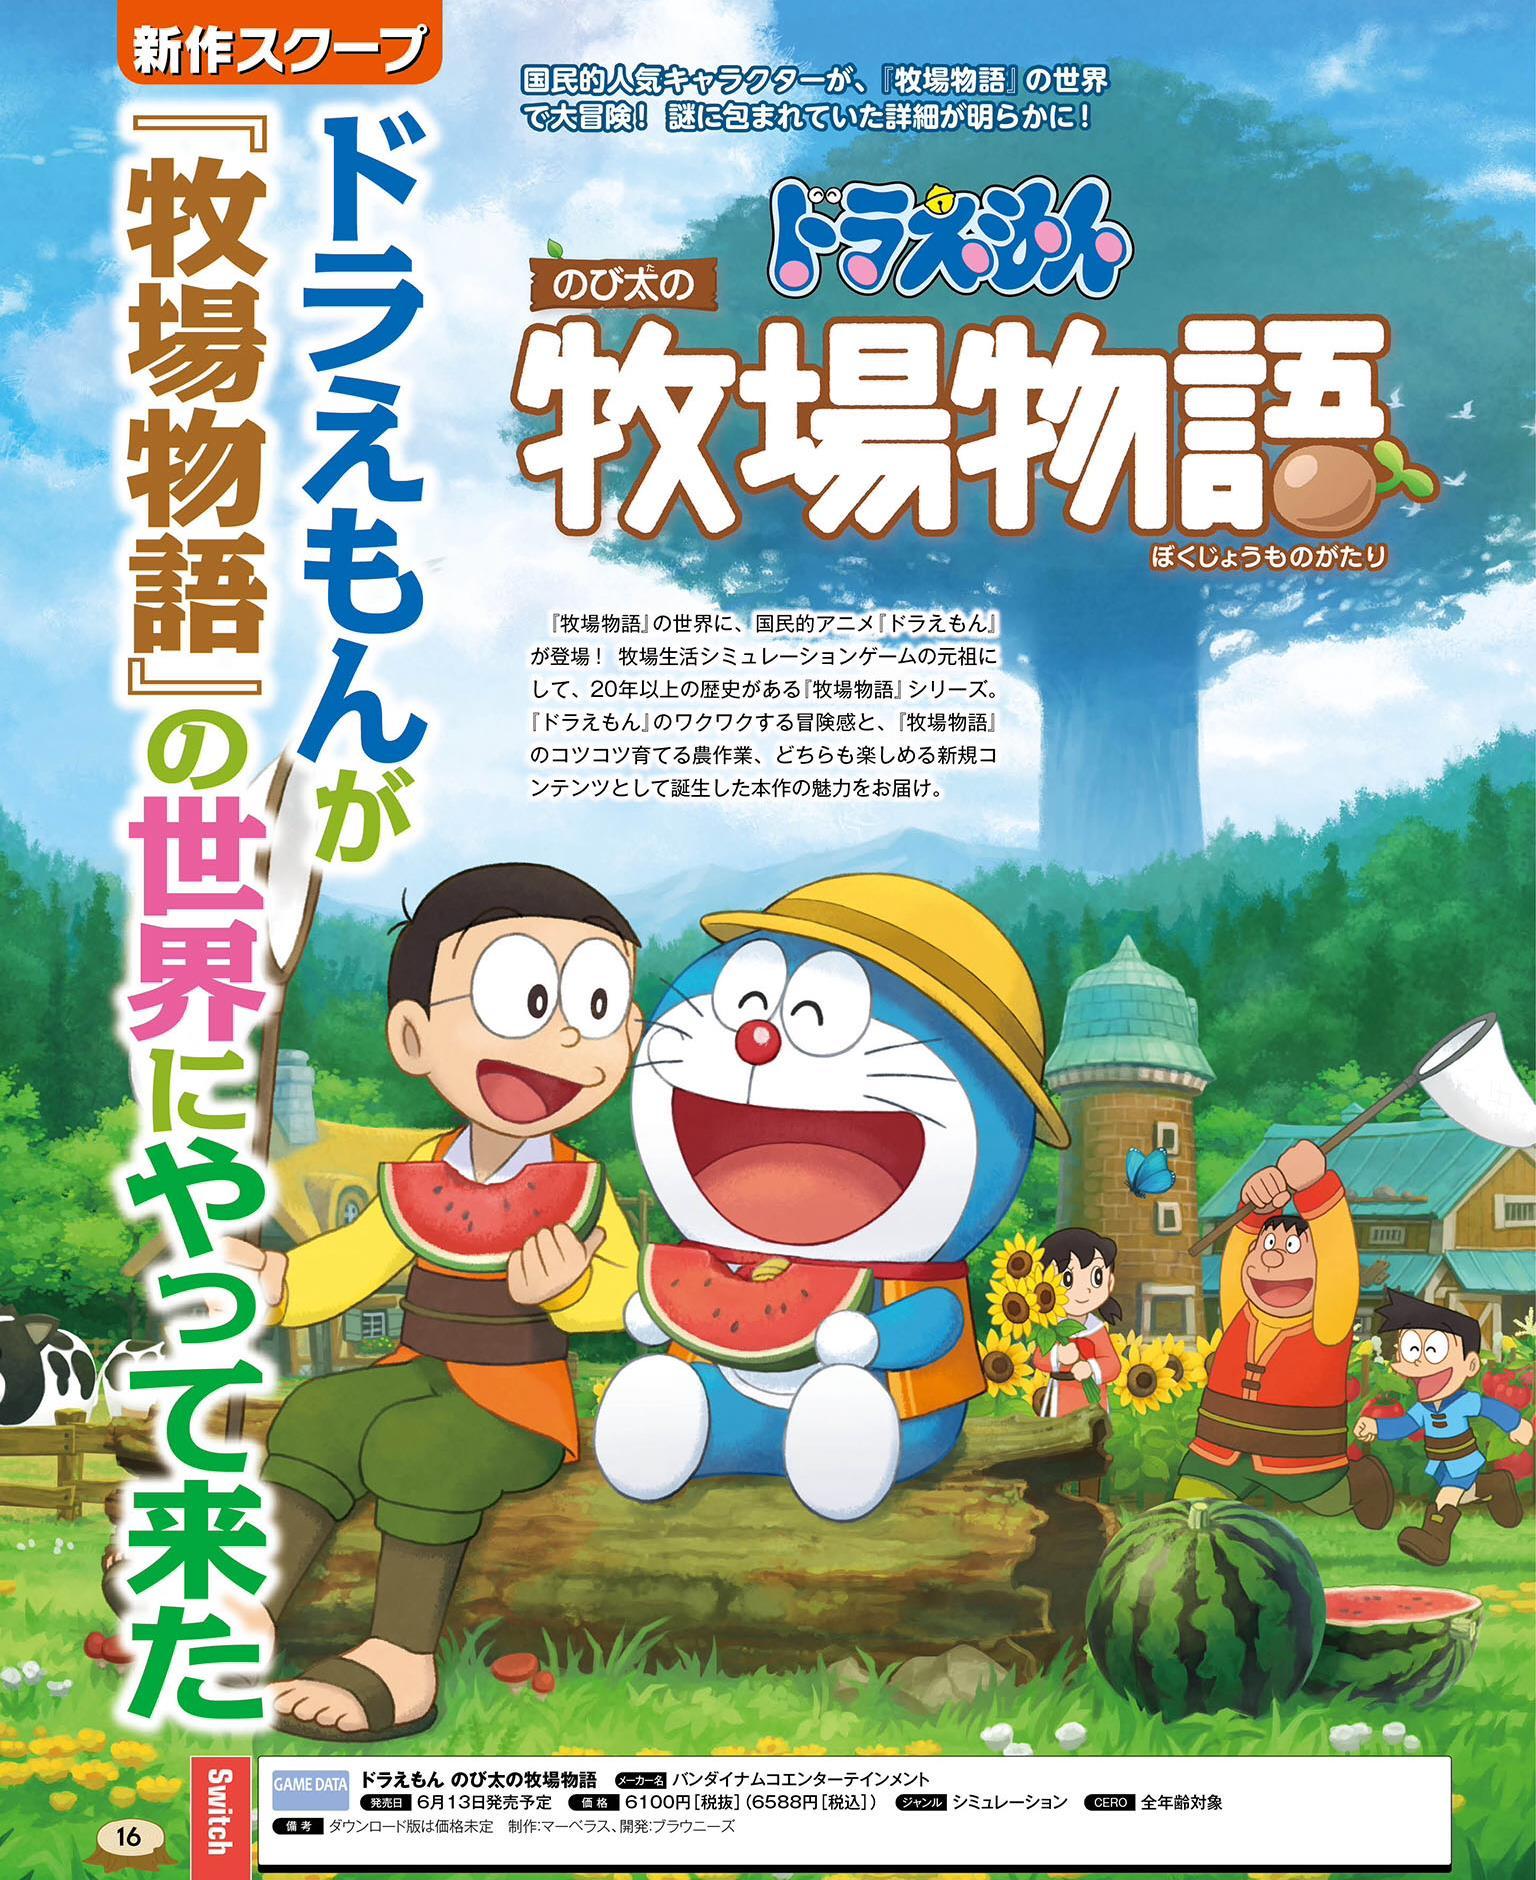 《哆啦A梦:大雄的牧场物语》杂志大图公开 故事背景等新情报